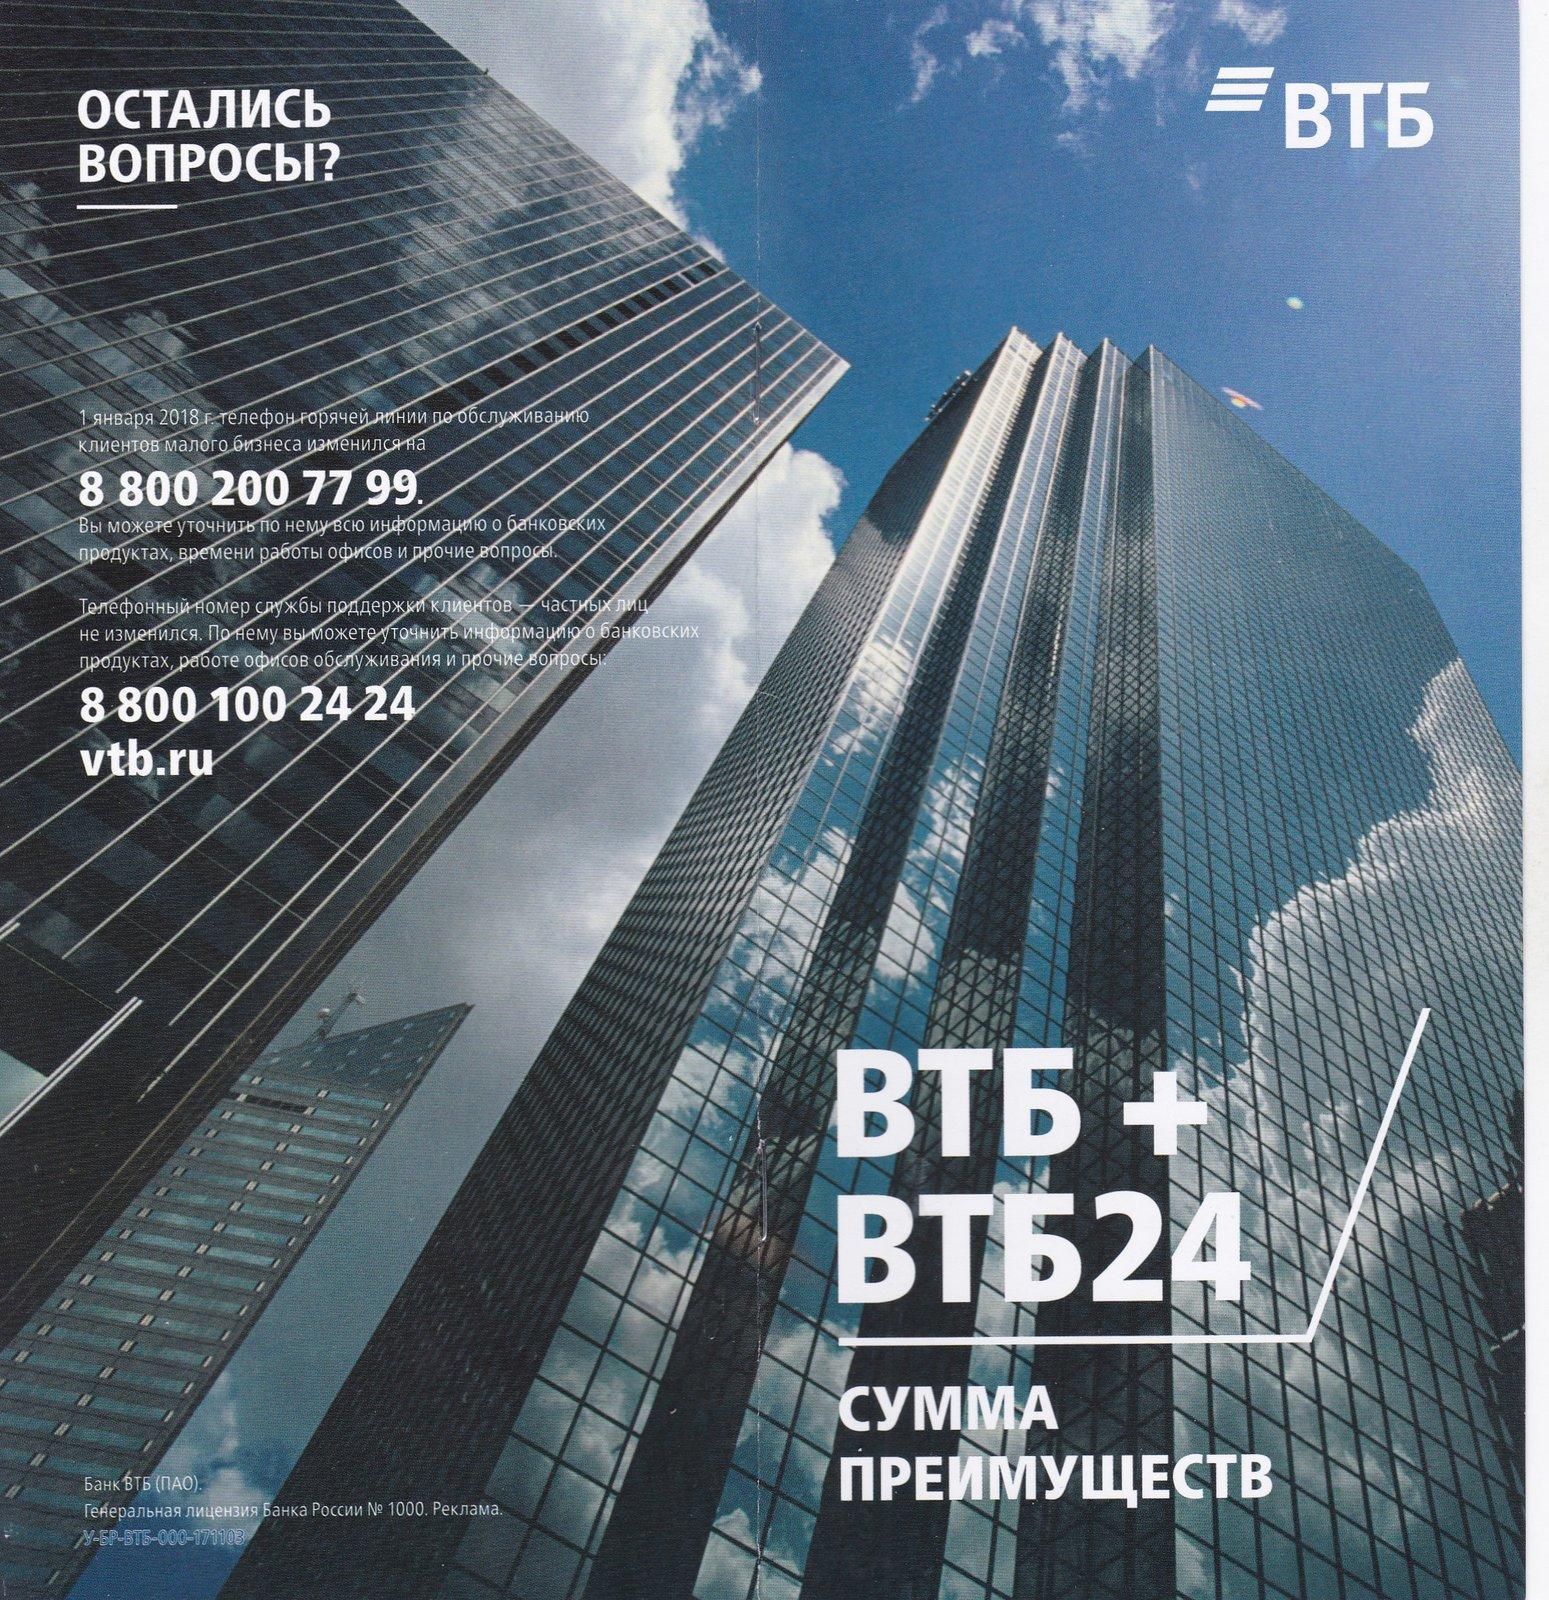 Буклеты ВТБ 2018 года